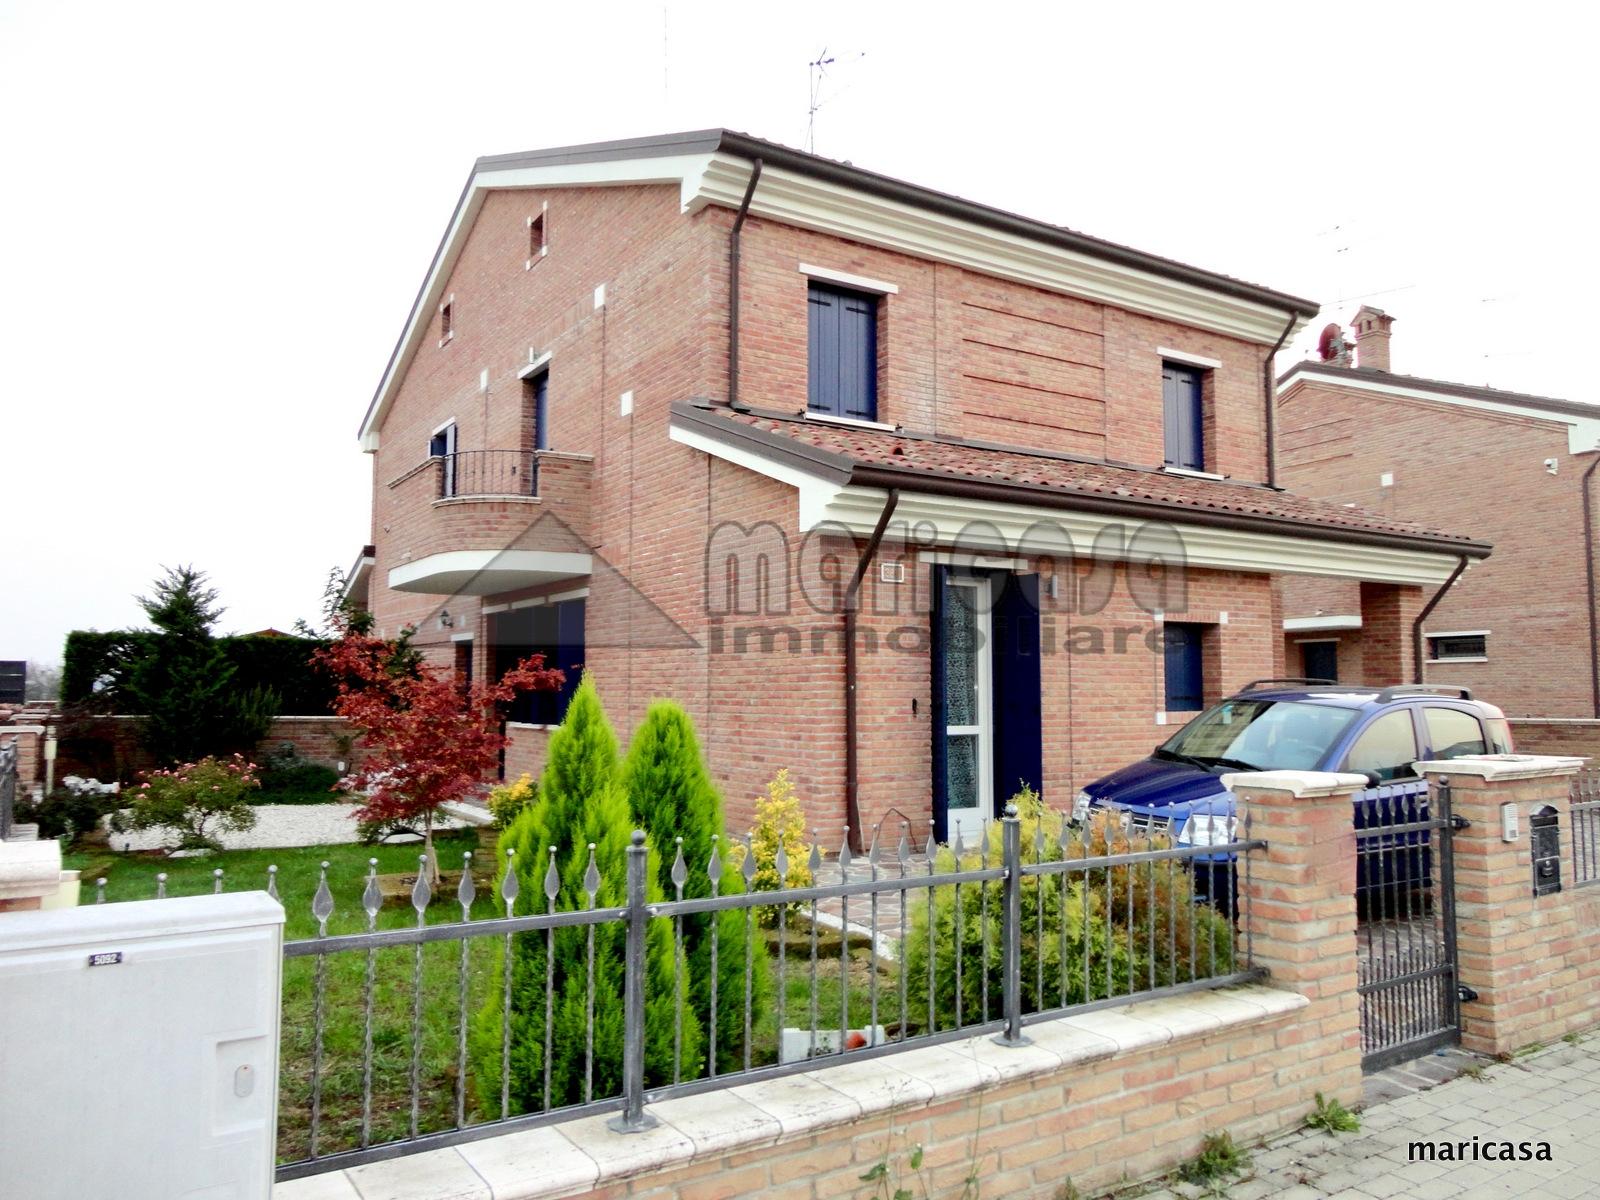 Villa in vendita a Ferrara, 5 locali, zona Zona: Boara, prezzo € 275.000 | CambioCasa.it